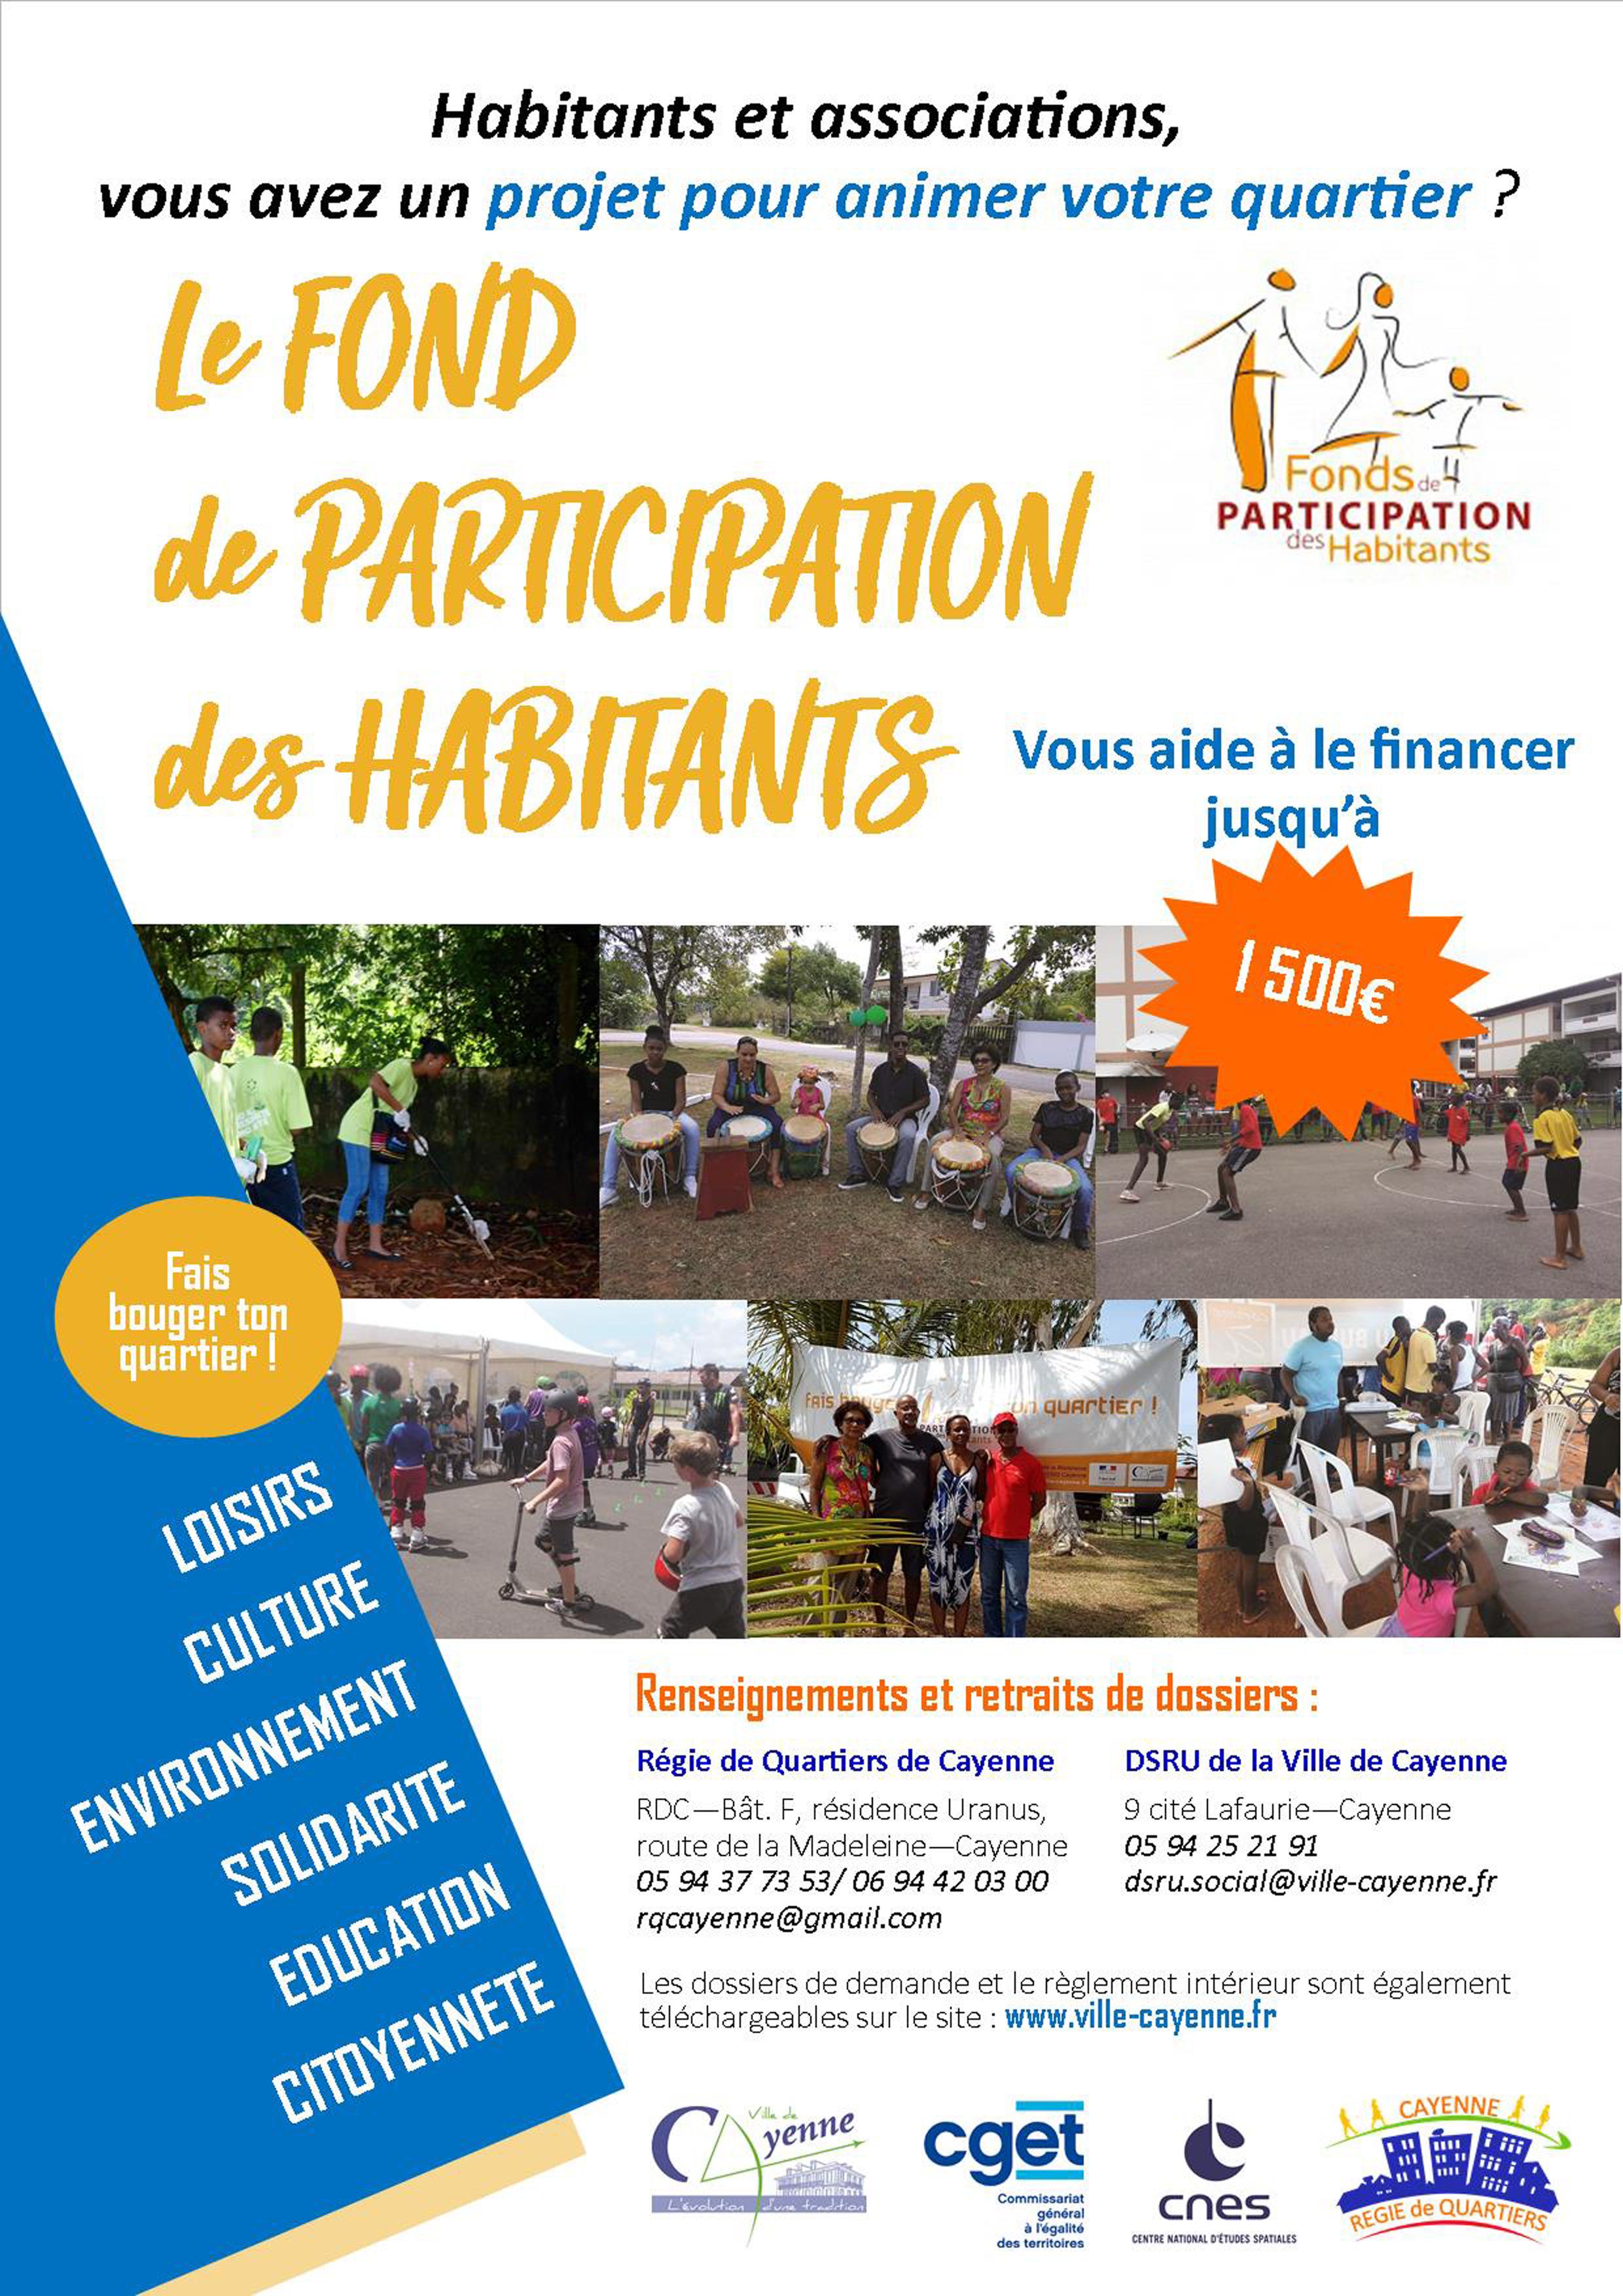 Le Fond de Participation des Habitants